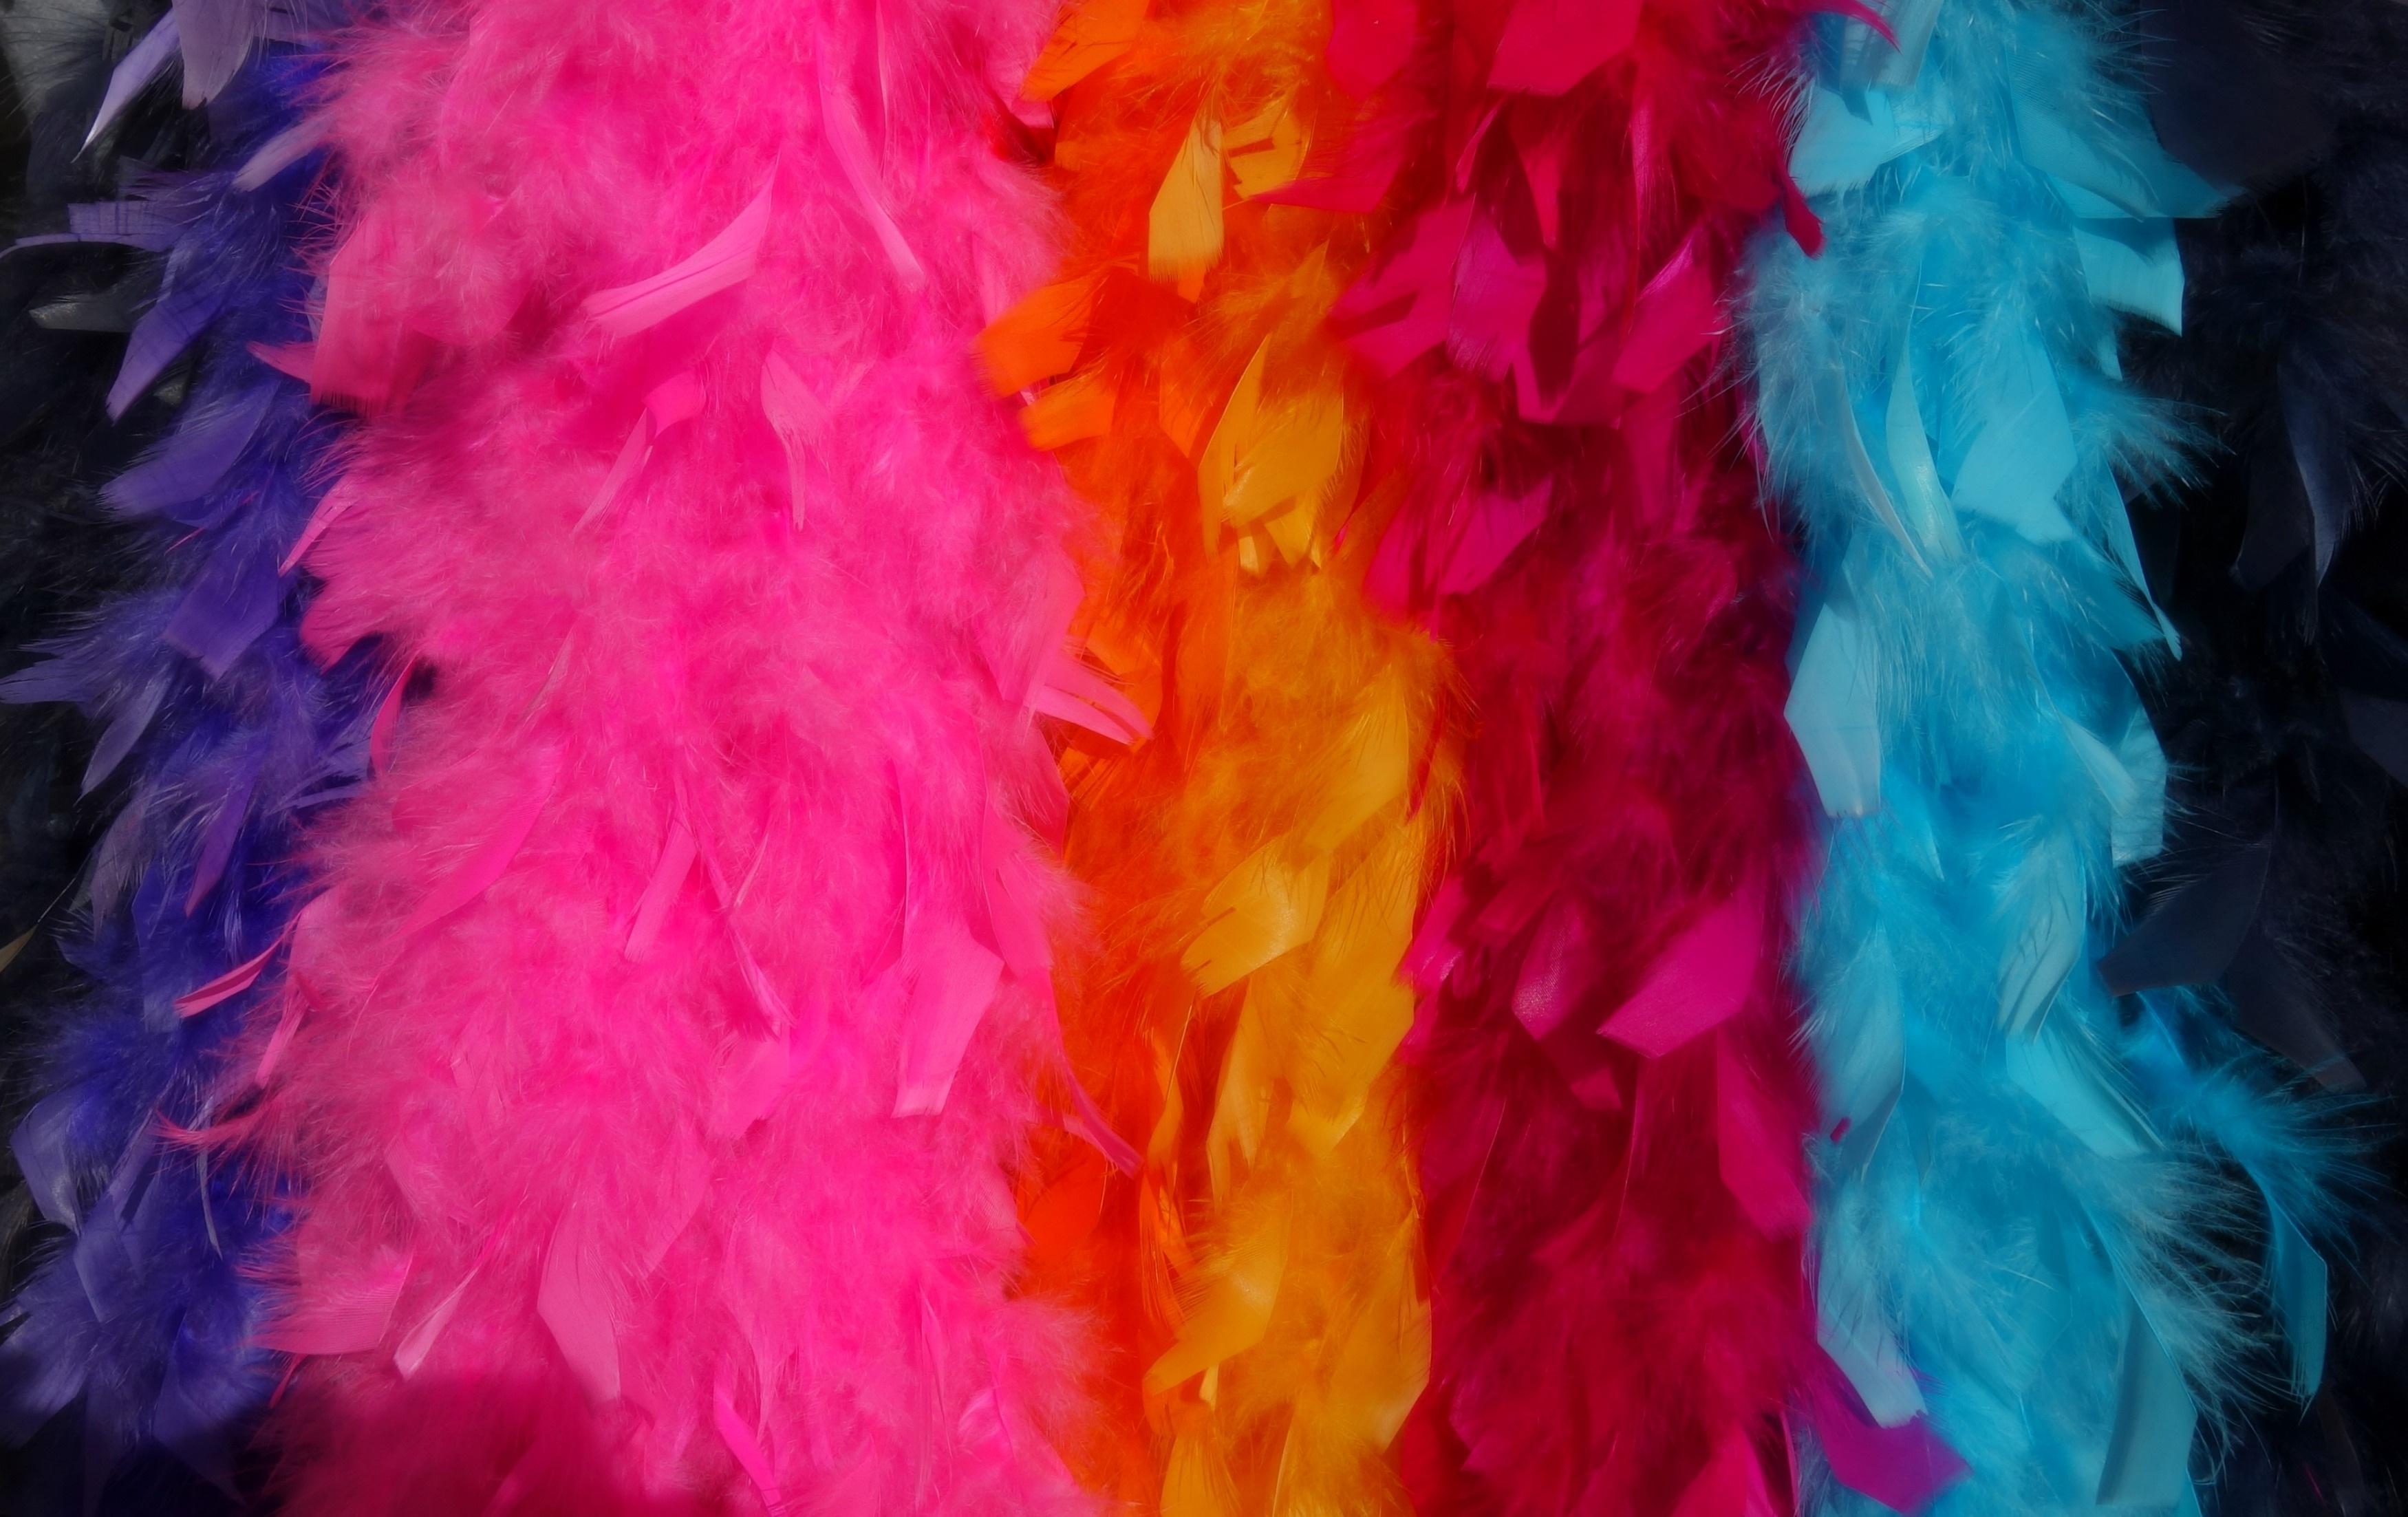 Fotos gratis : pájaro, ala, mujer, Retro, hembra, color, mercado ...